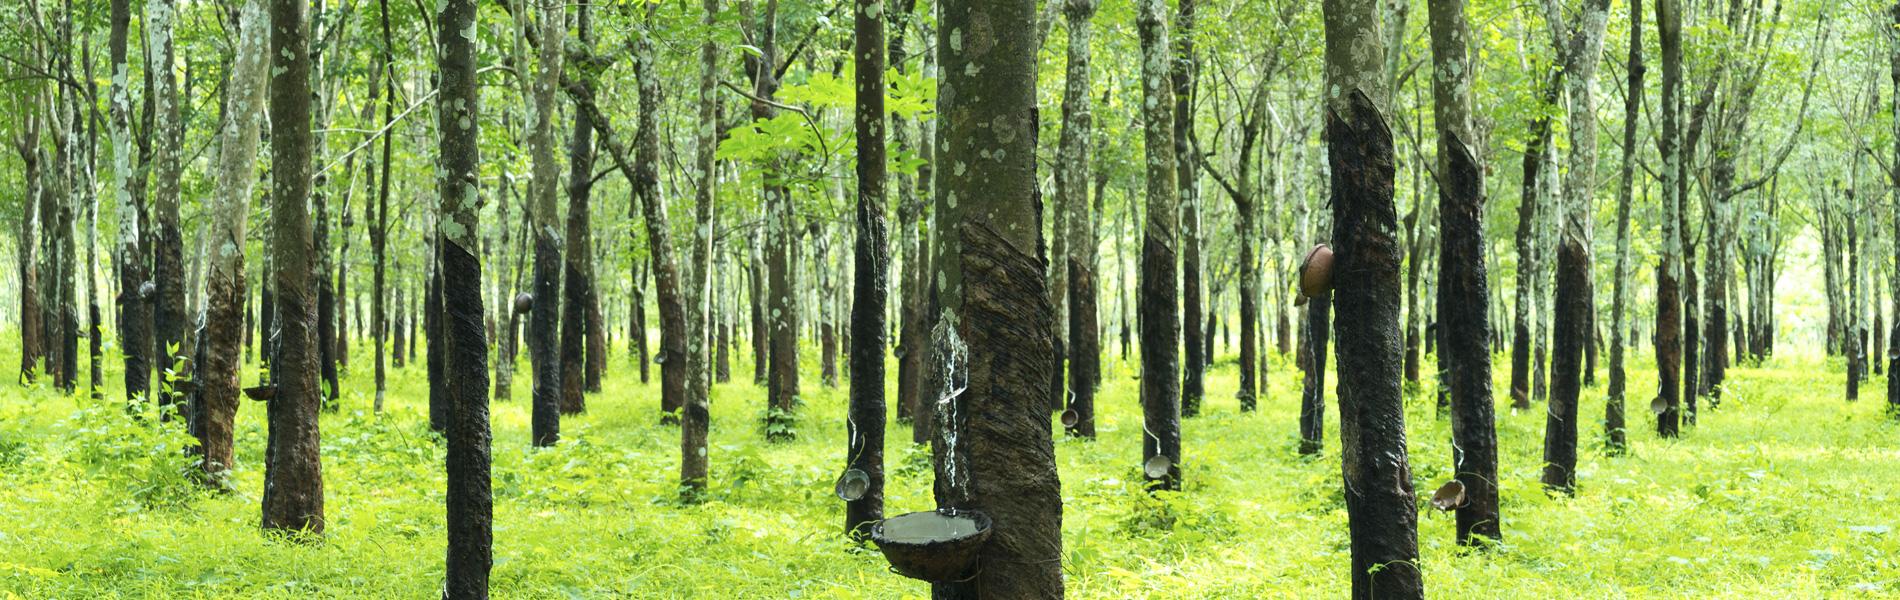 forêt de l'arbre hévéa qui produit le latex naturel de nos matealas